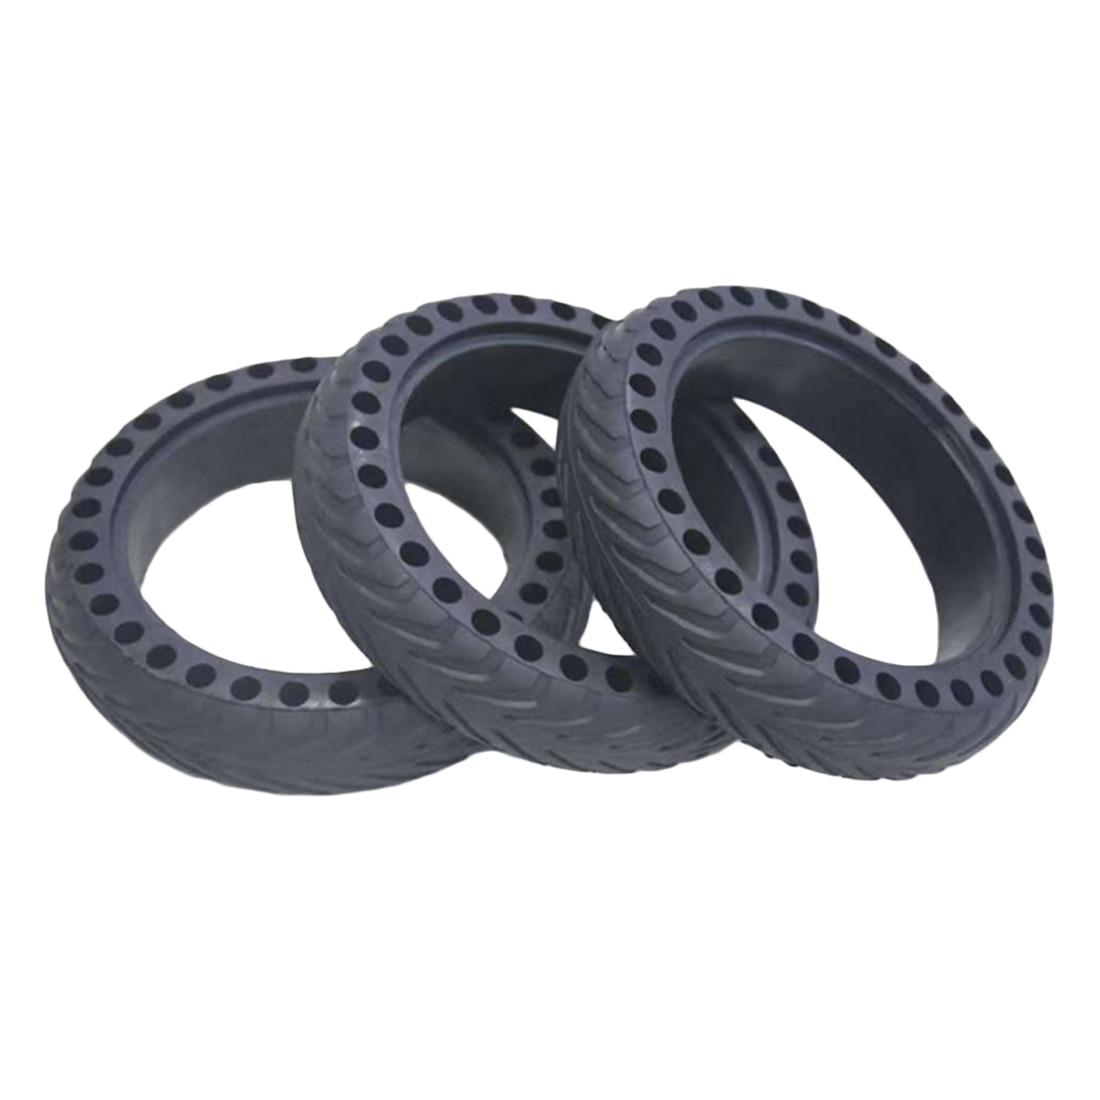 Nouveaux pneus pneumatiques durables 8.5